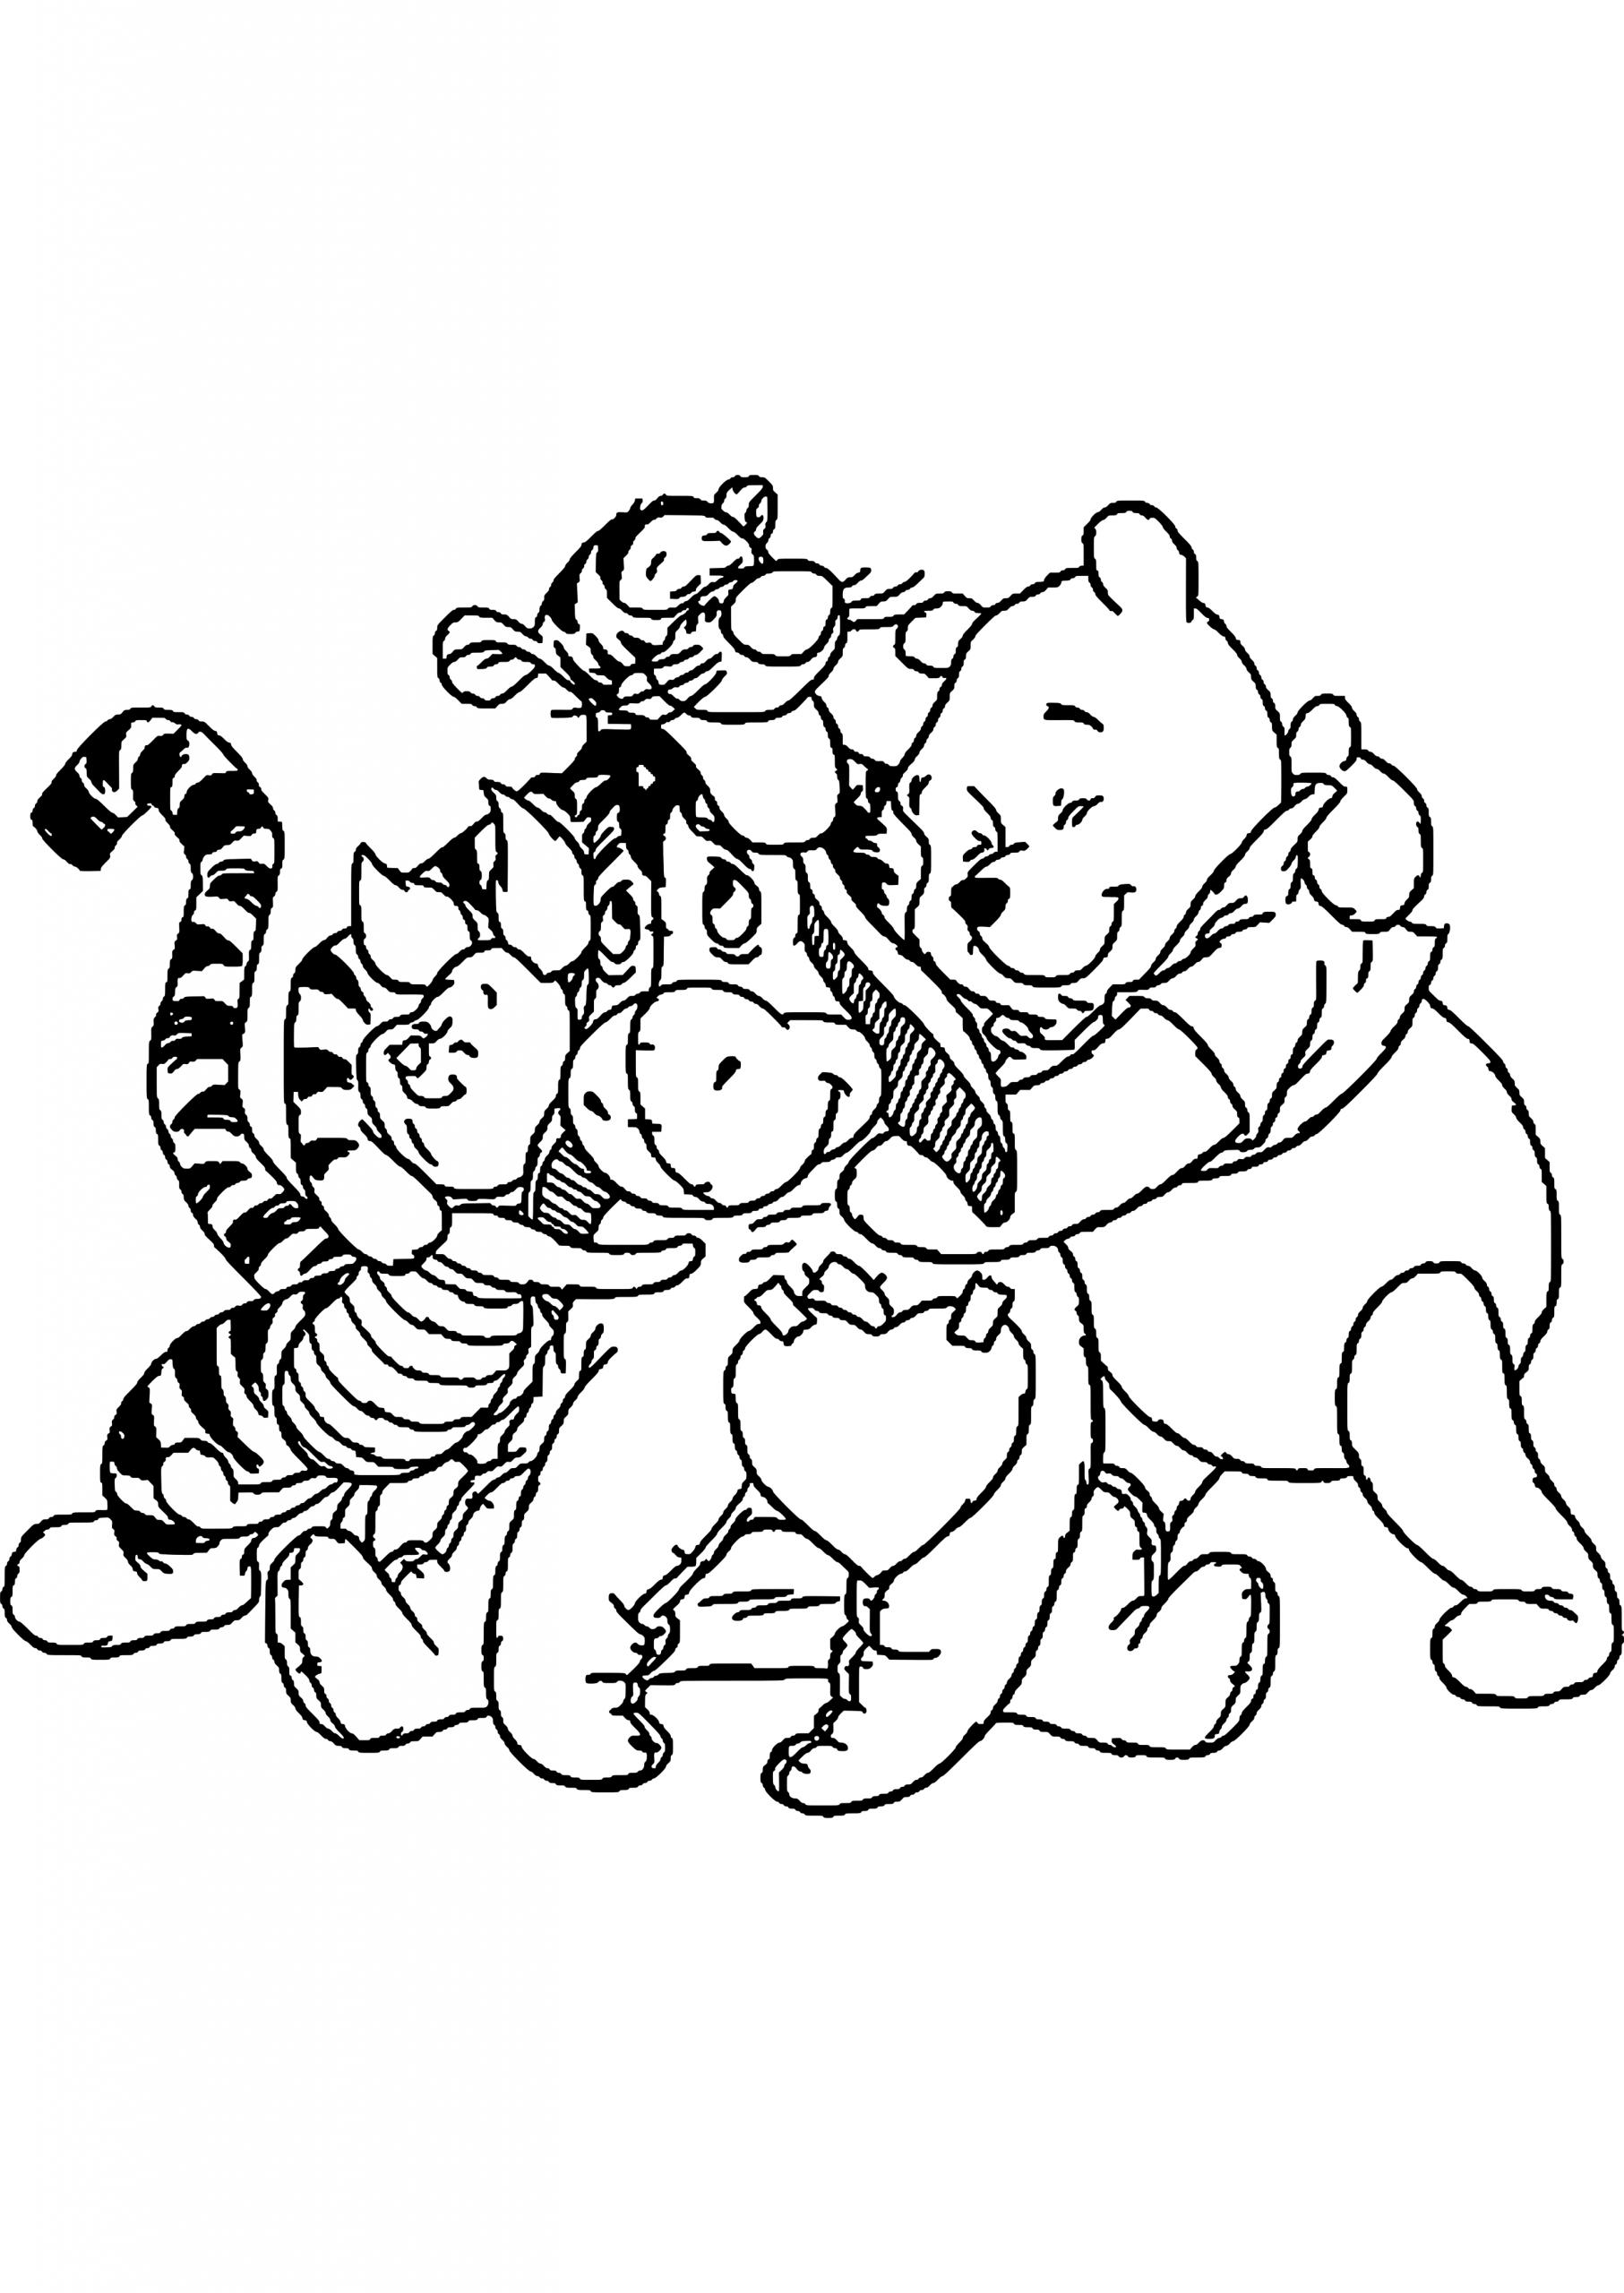 Malvorlagen Disney - Malvorlagen Für Kinder für Gratis Malvorlagen Disney